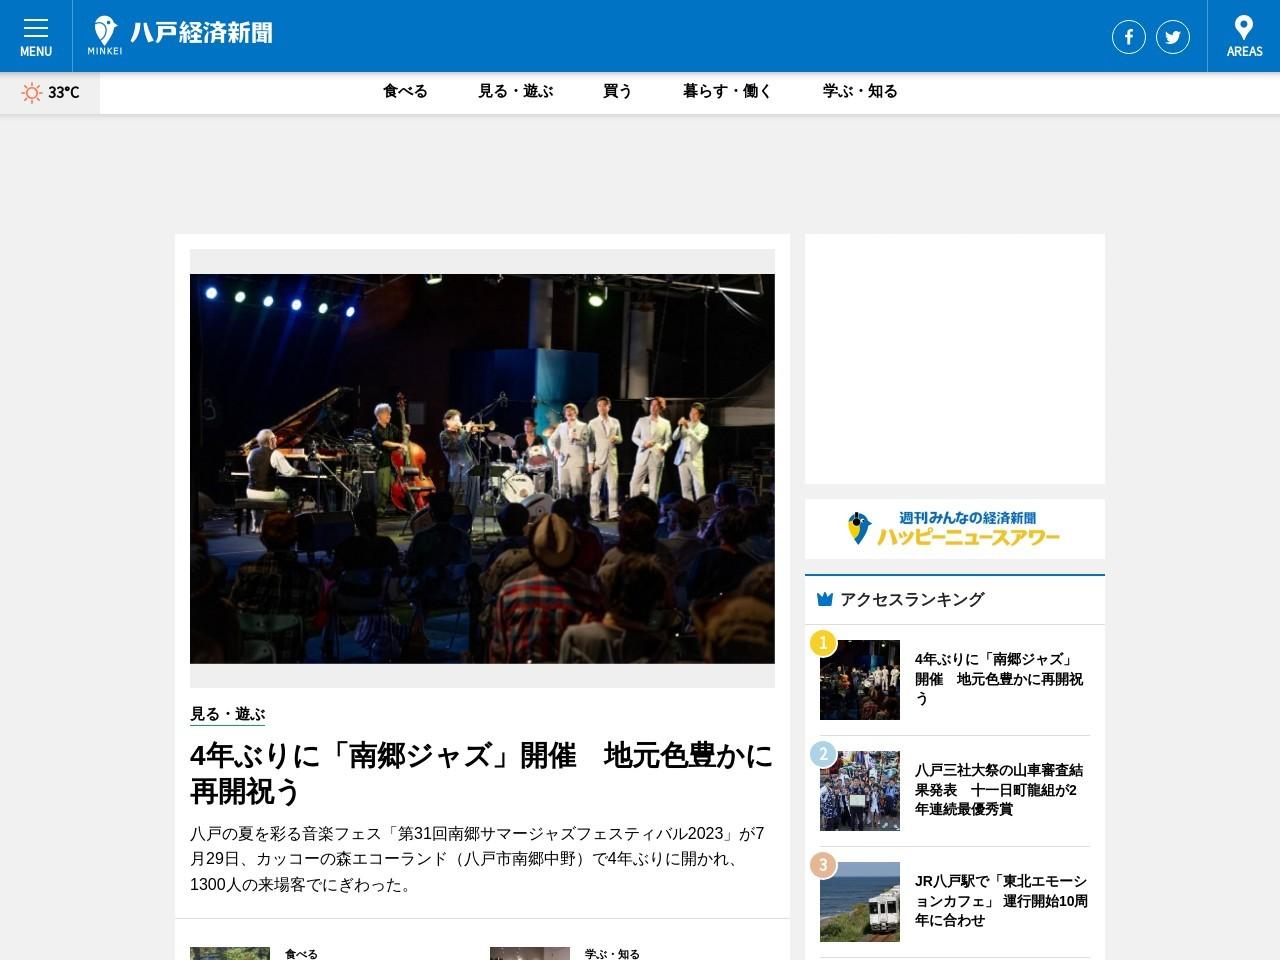 八戸経済新聞上半期PV1位は新船「シルバーティアラ」 飲食新店の話題も上位に